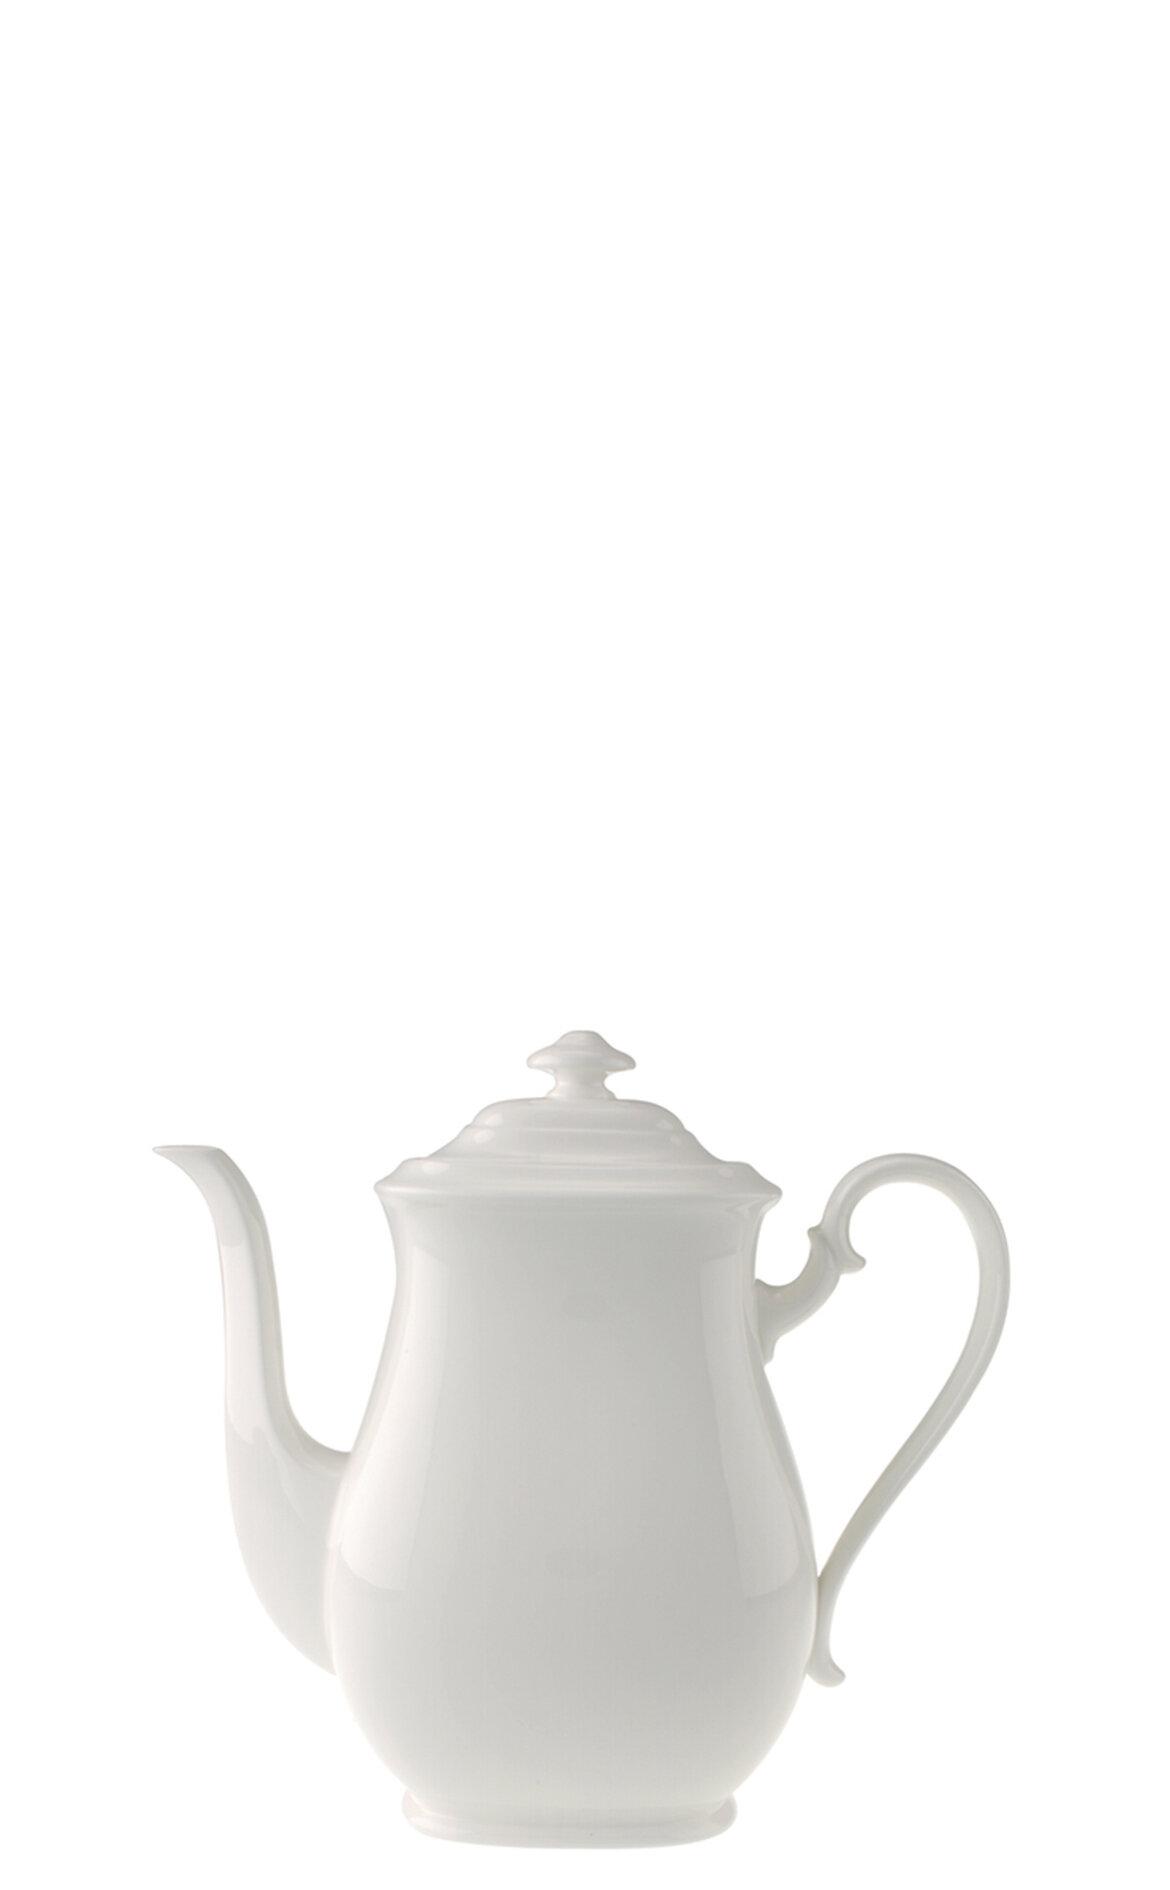 Villeroy & Boch-Villeroy & Boch Royal Çay/Kahve Potu